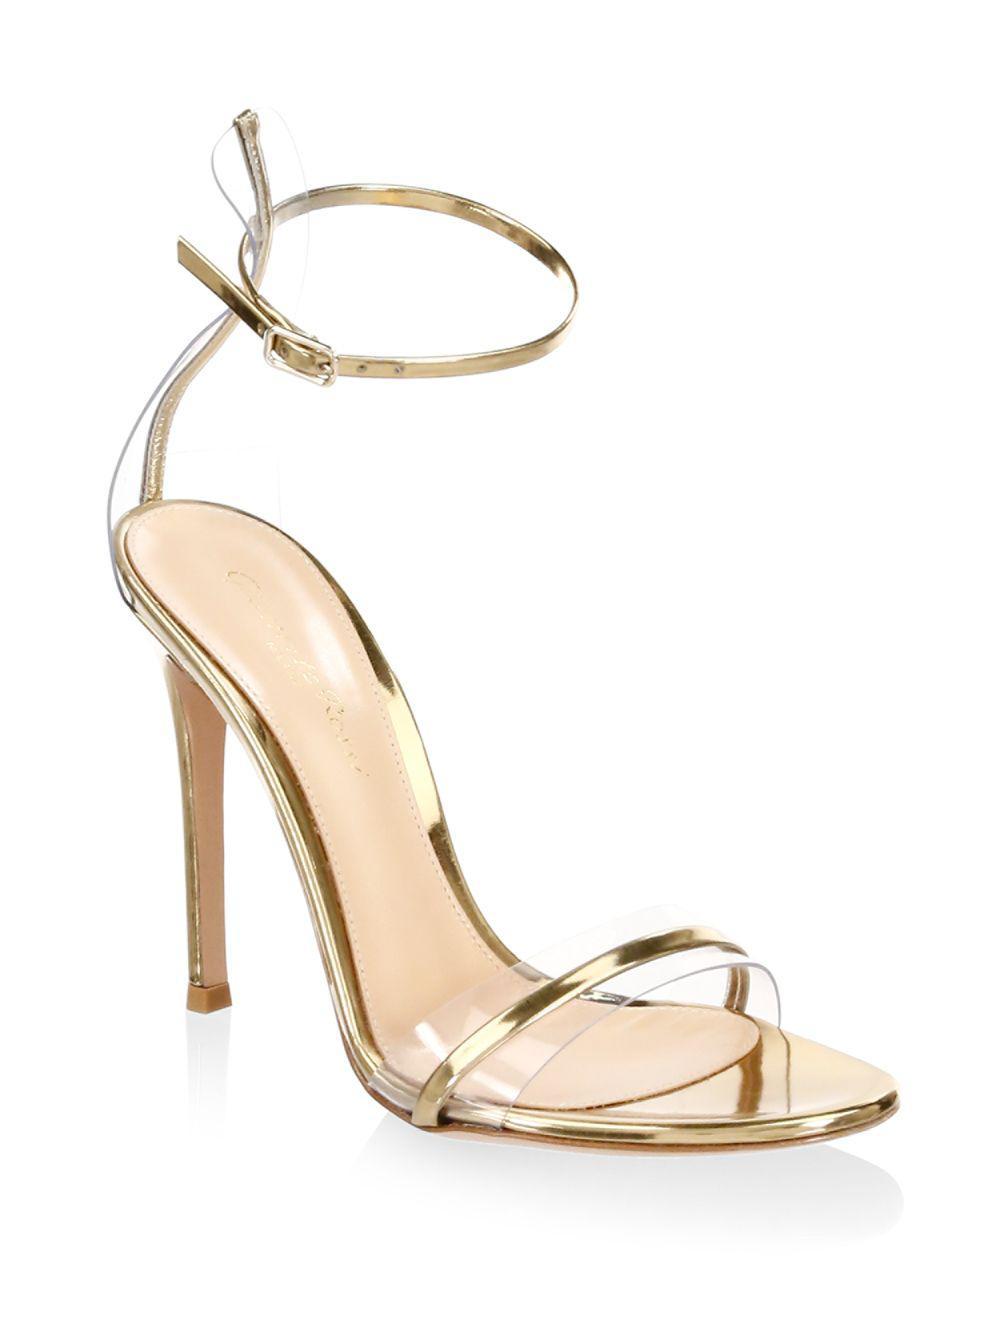 ed5bf3f37609f6 Lyst - Gianvito Rossi Portofino Ankle-strap Sandals in Metallic ...